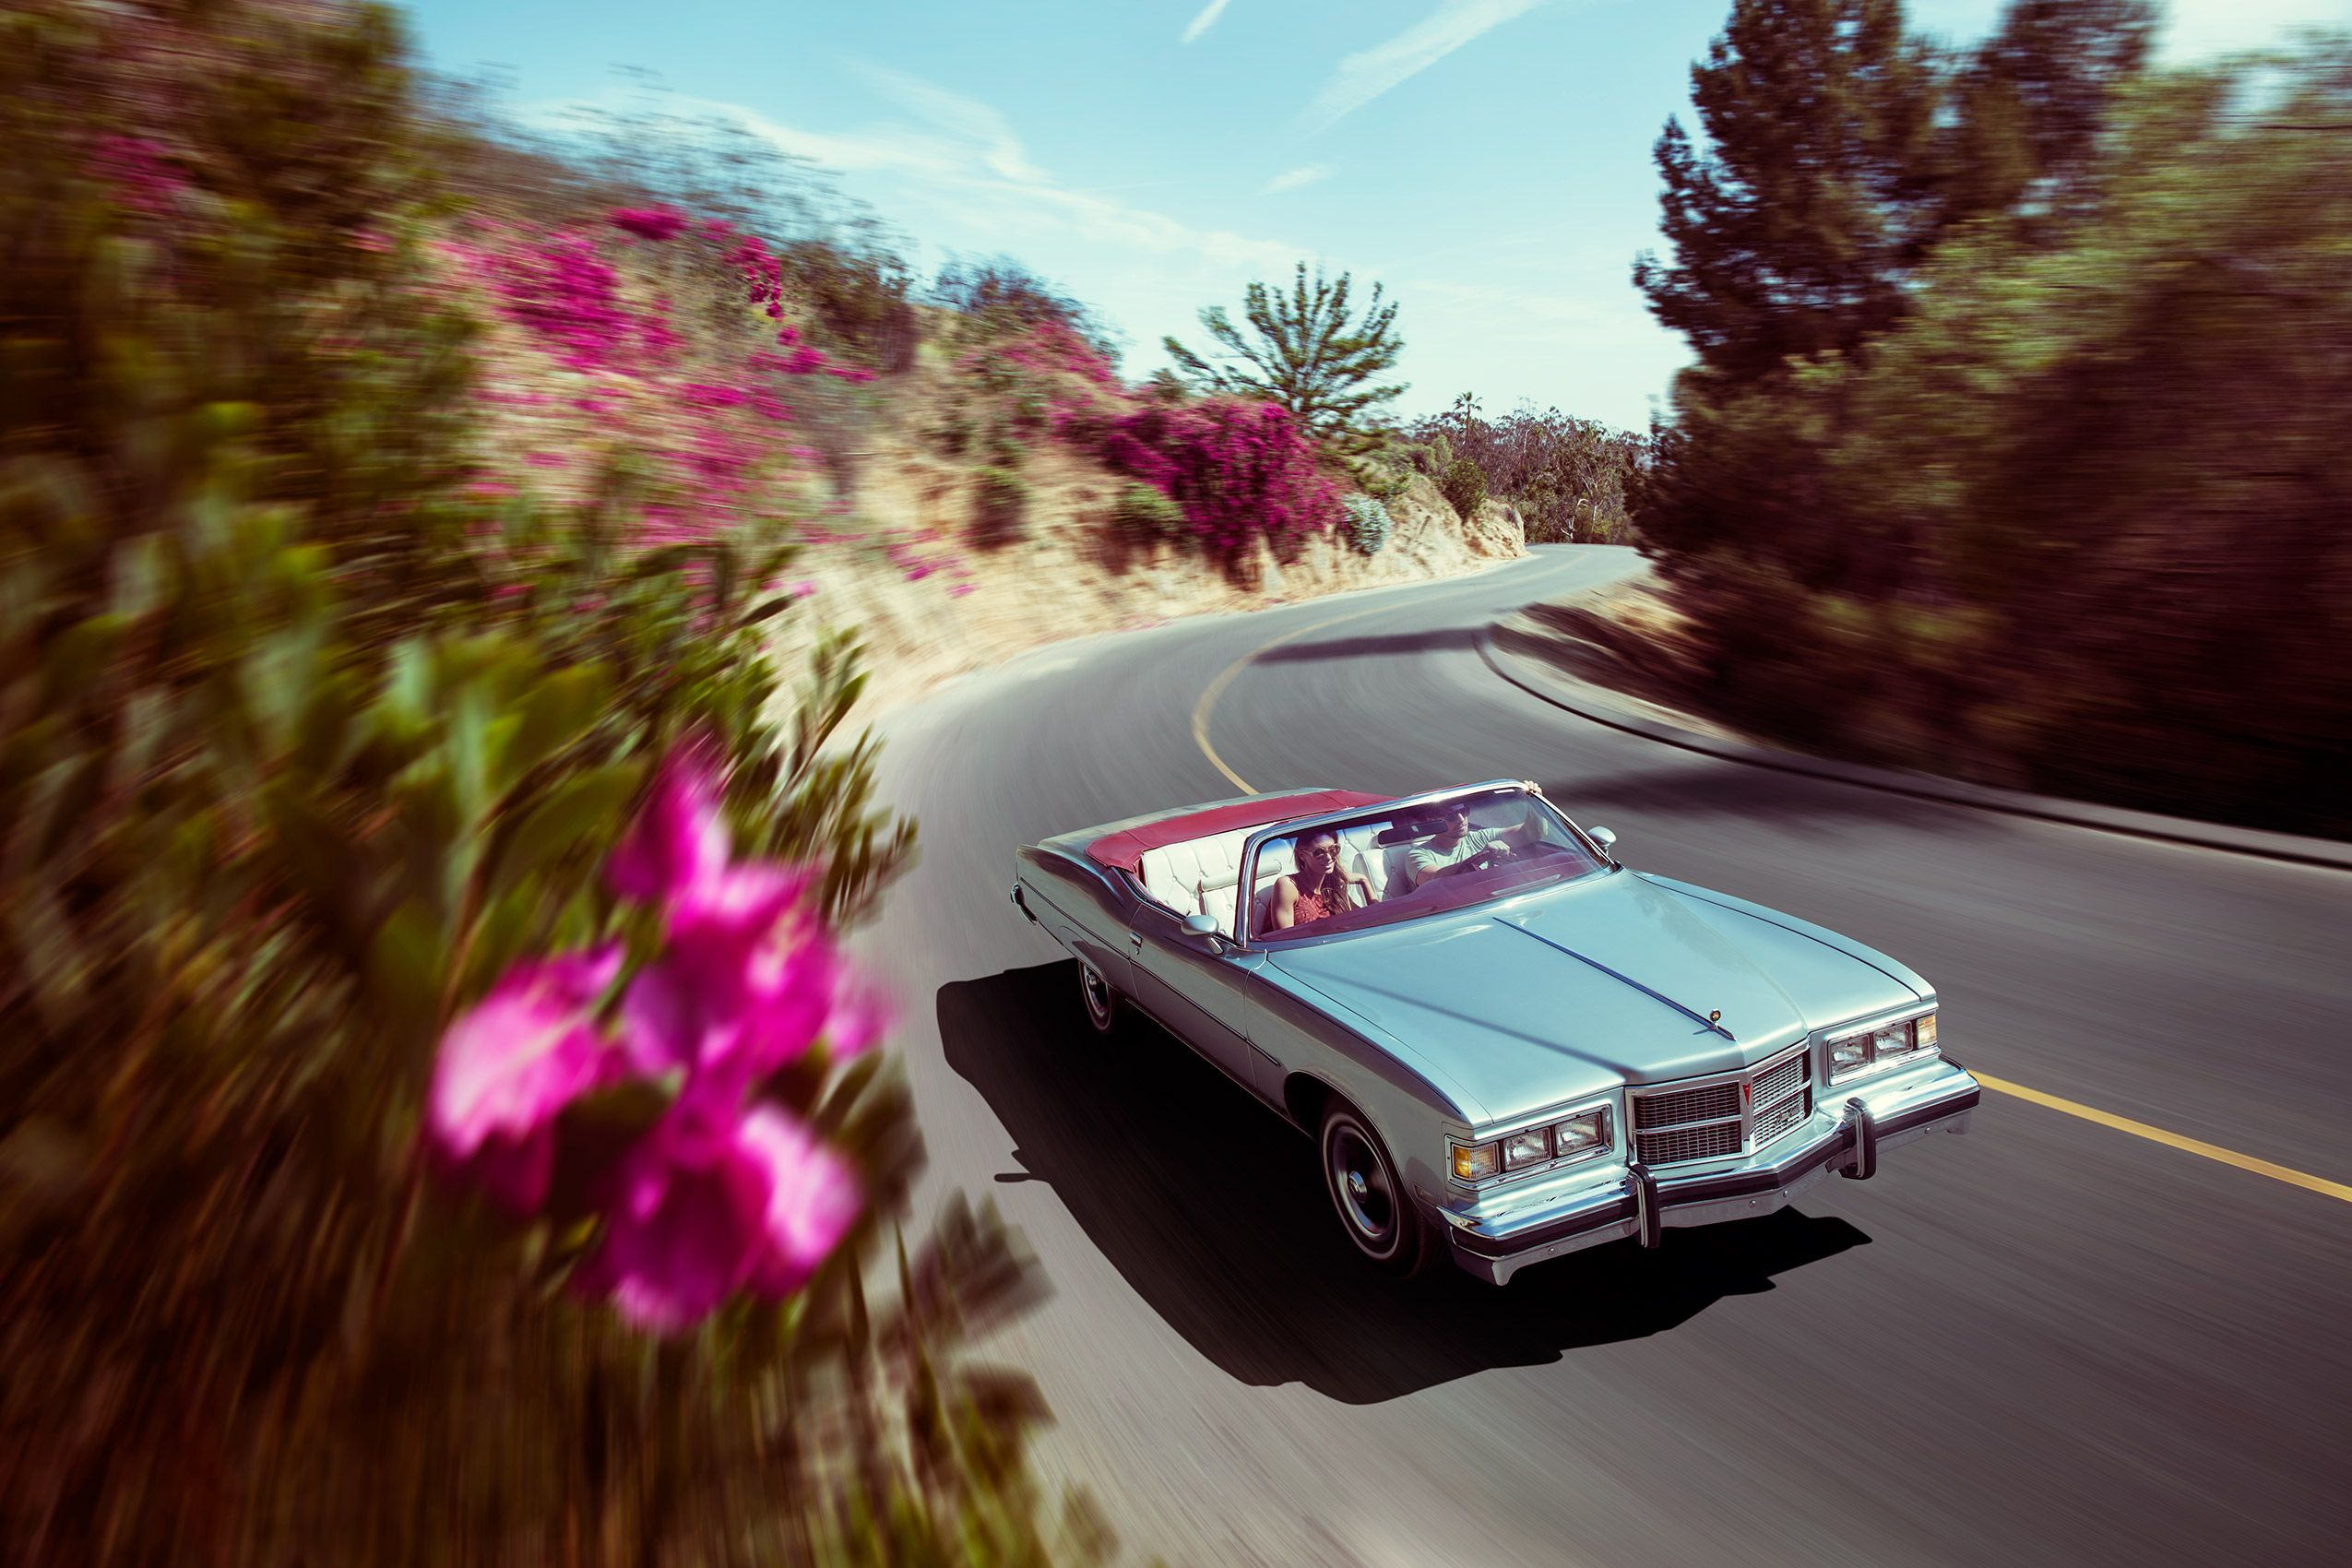 008_Pontiac_Corner_Final.jpg